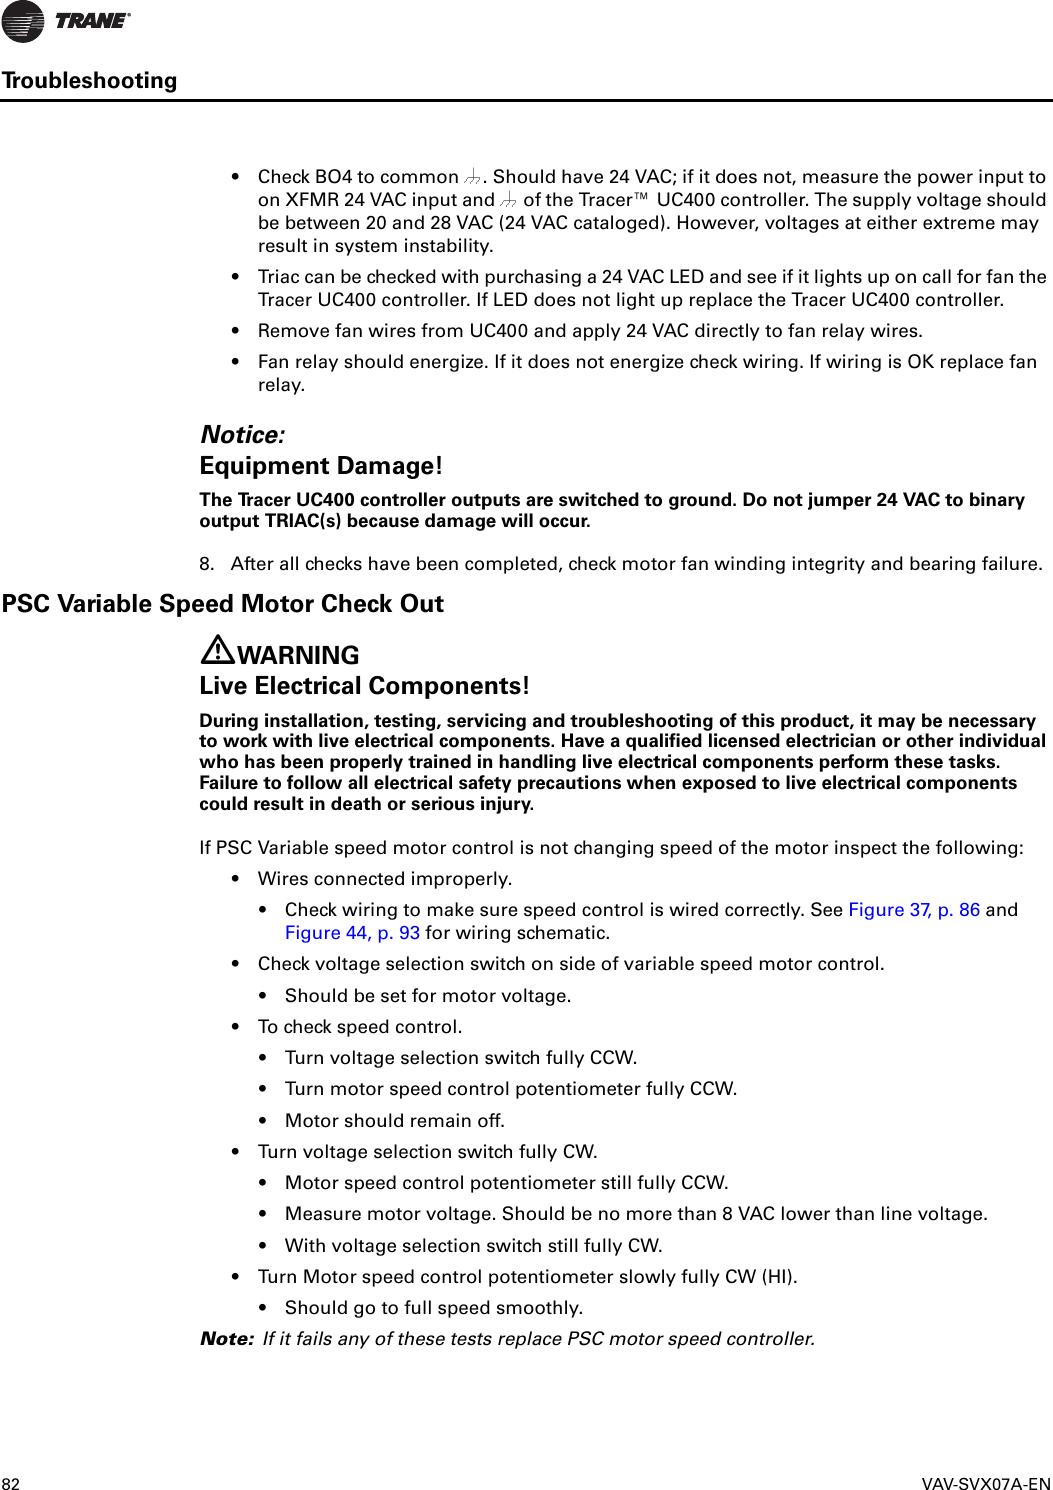 Uc400 Wiring Diagram    Wiring Diagram